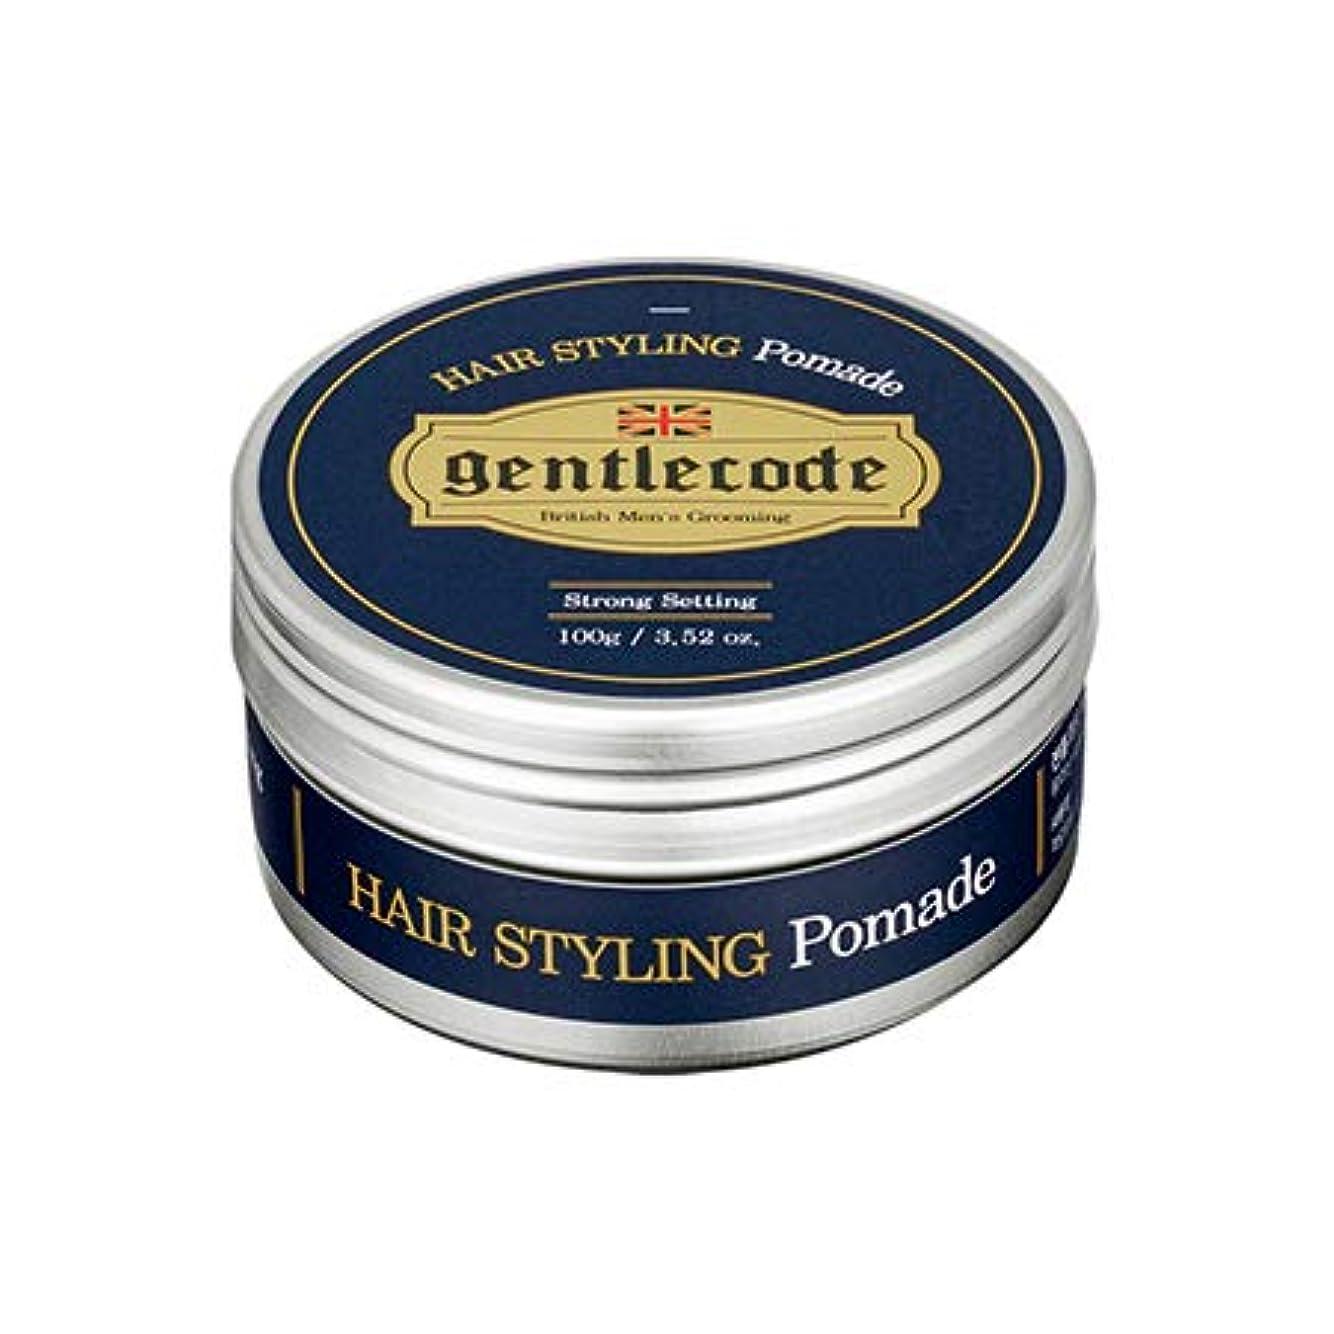 征服者鳴らす速い【ジェントルコード.gentle code]ヘアスタイリングポマード(100ml)/ hair styling pomade